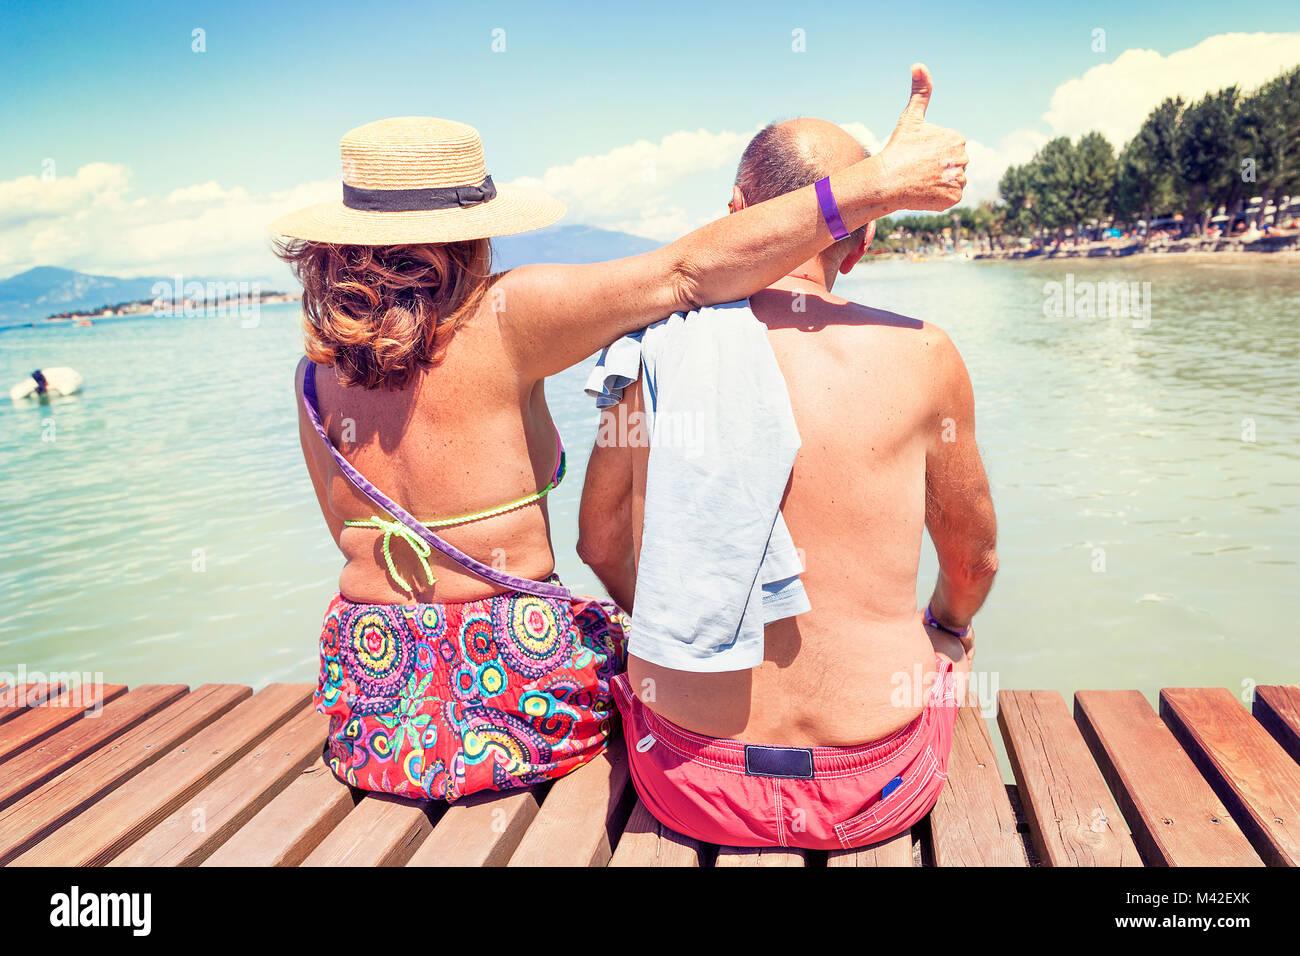 Moderna Coppia matura rilassante in costume da bagno seduti sul dock di un resort. Concetto di bella gente divertirsi Immagini Stock